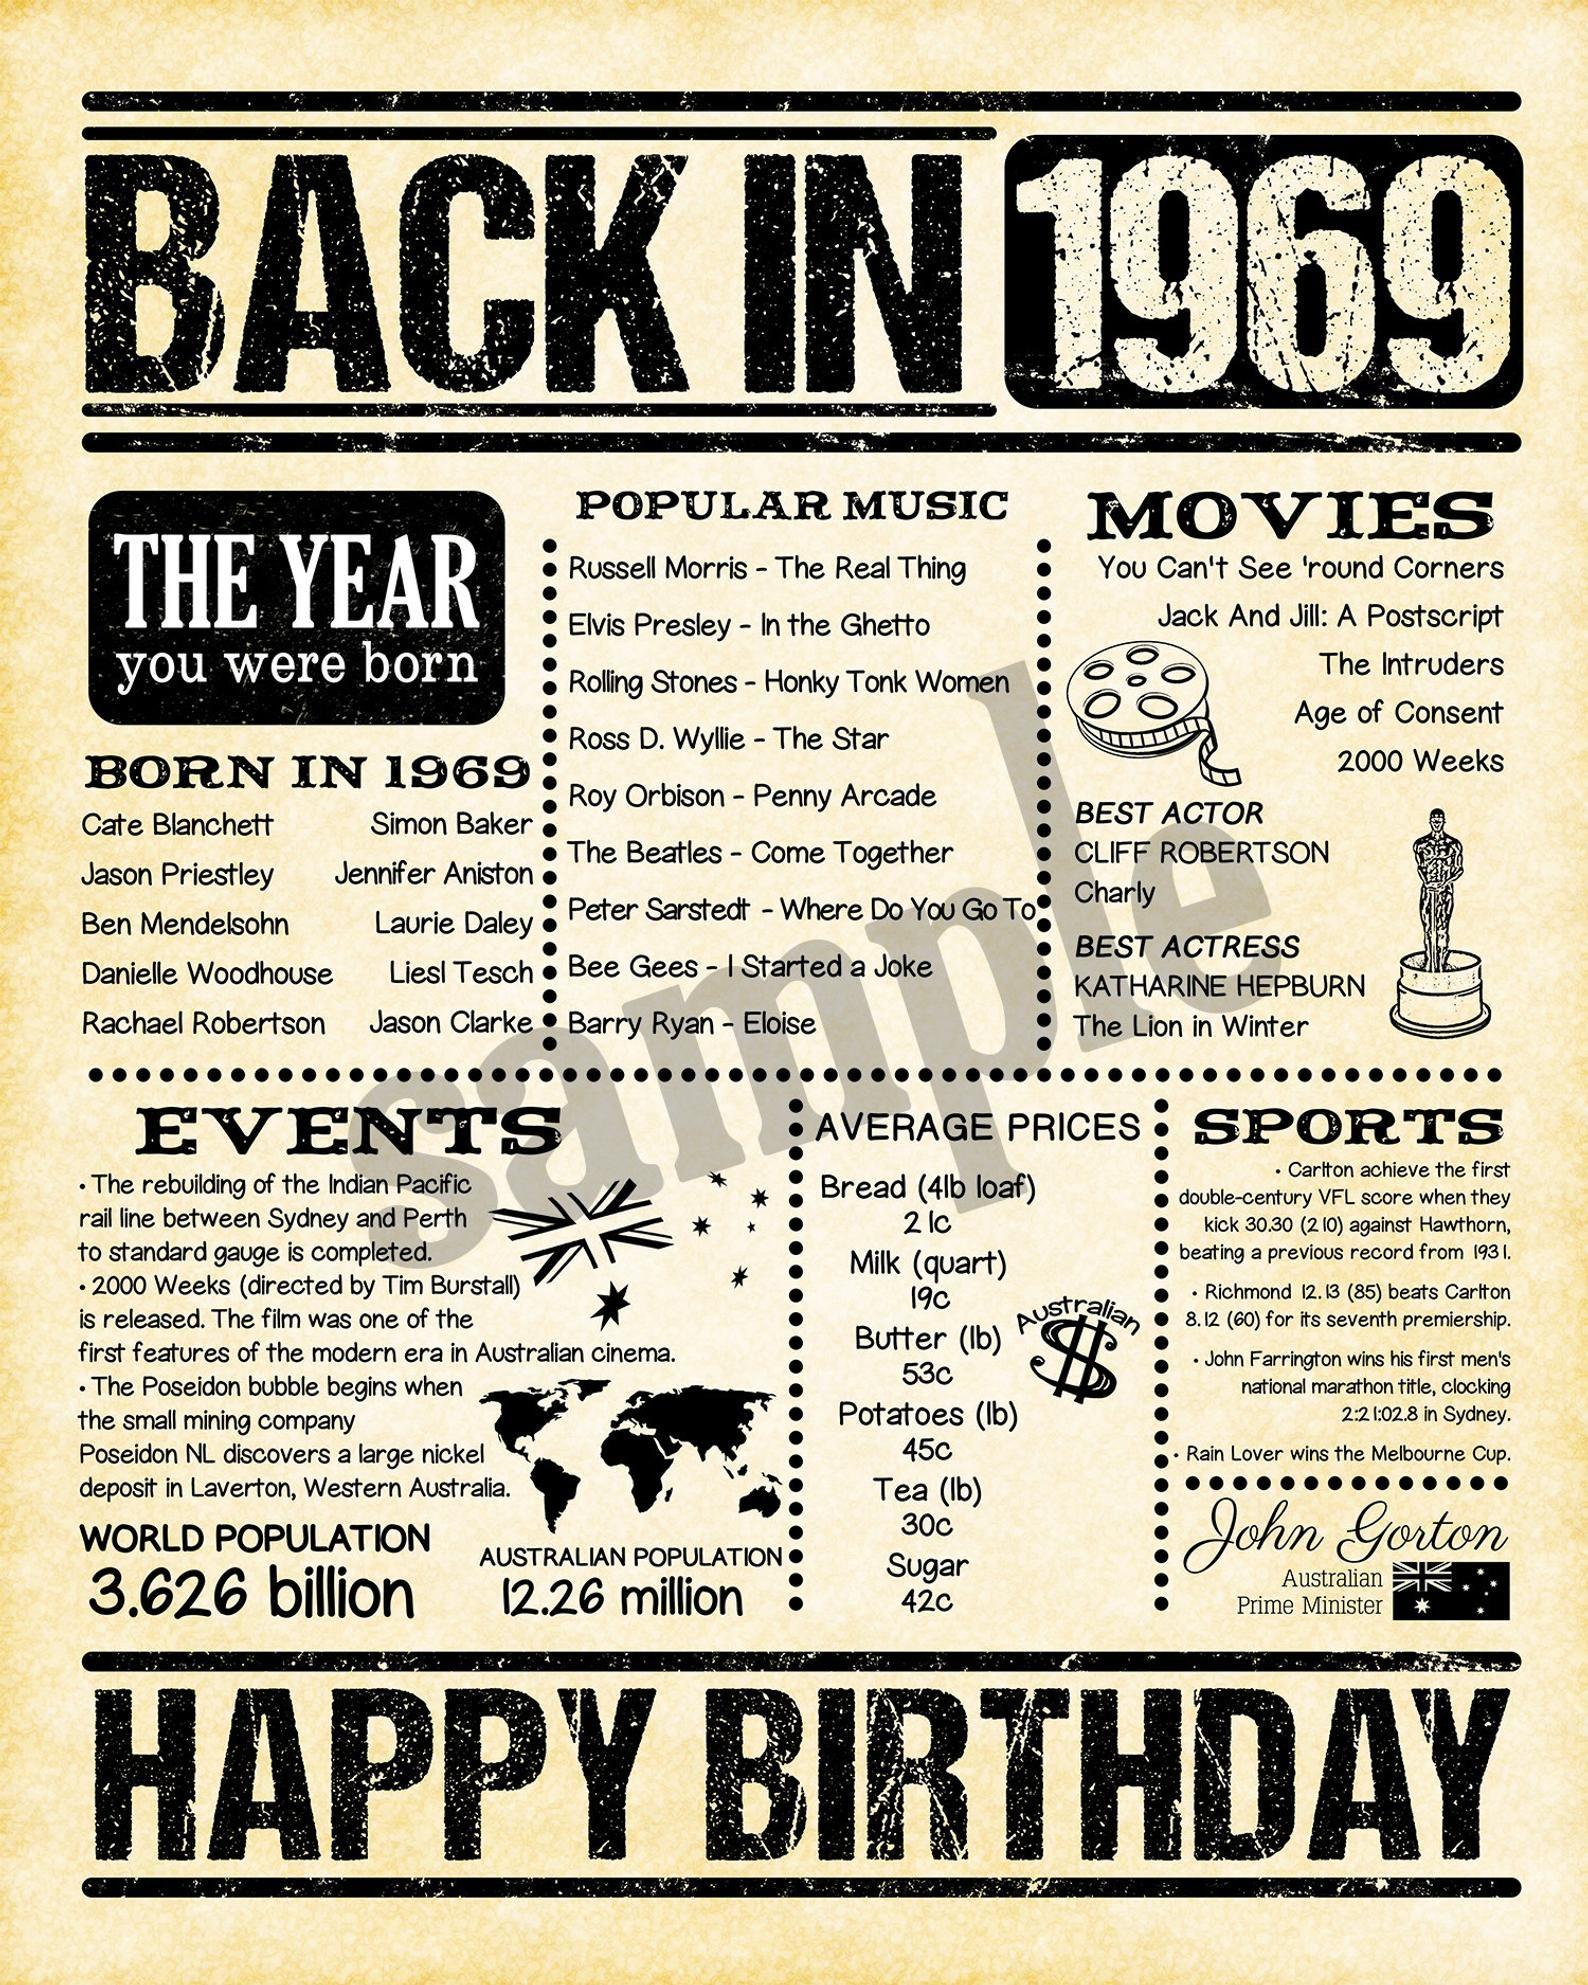 51st Birthday, 1969 Birthday Gift, Back in 1969